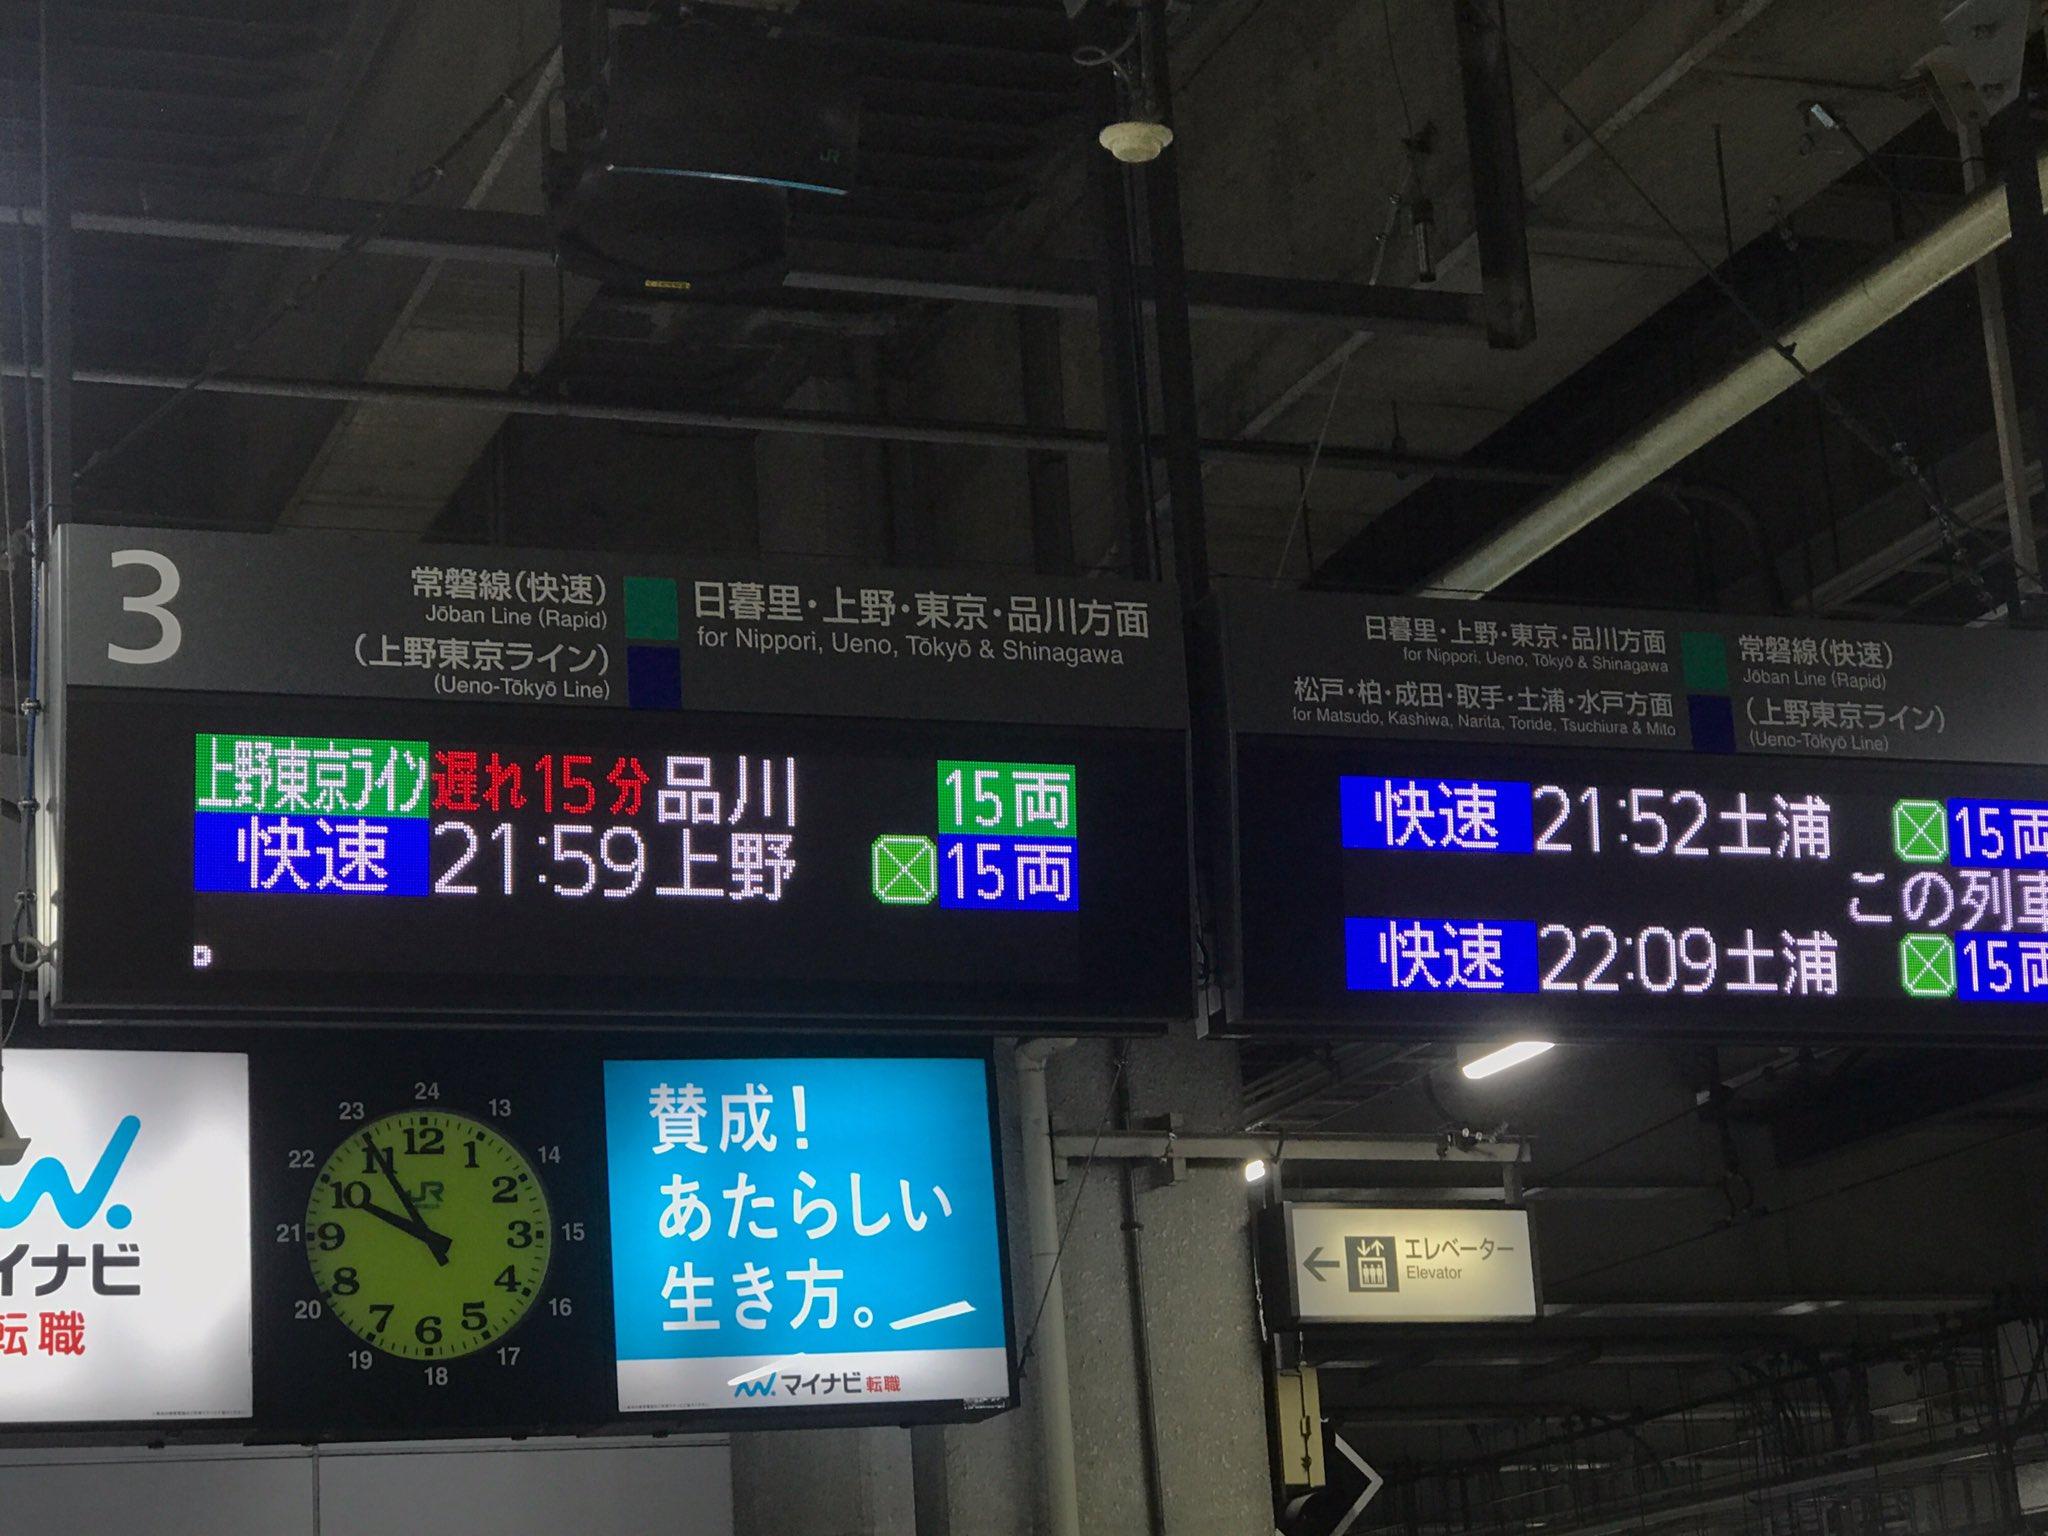 画像,人身事故で電車止まってるぅぅぅ!!!! https://t.co/h2oQT3kqye。